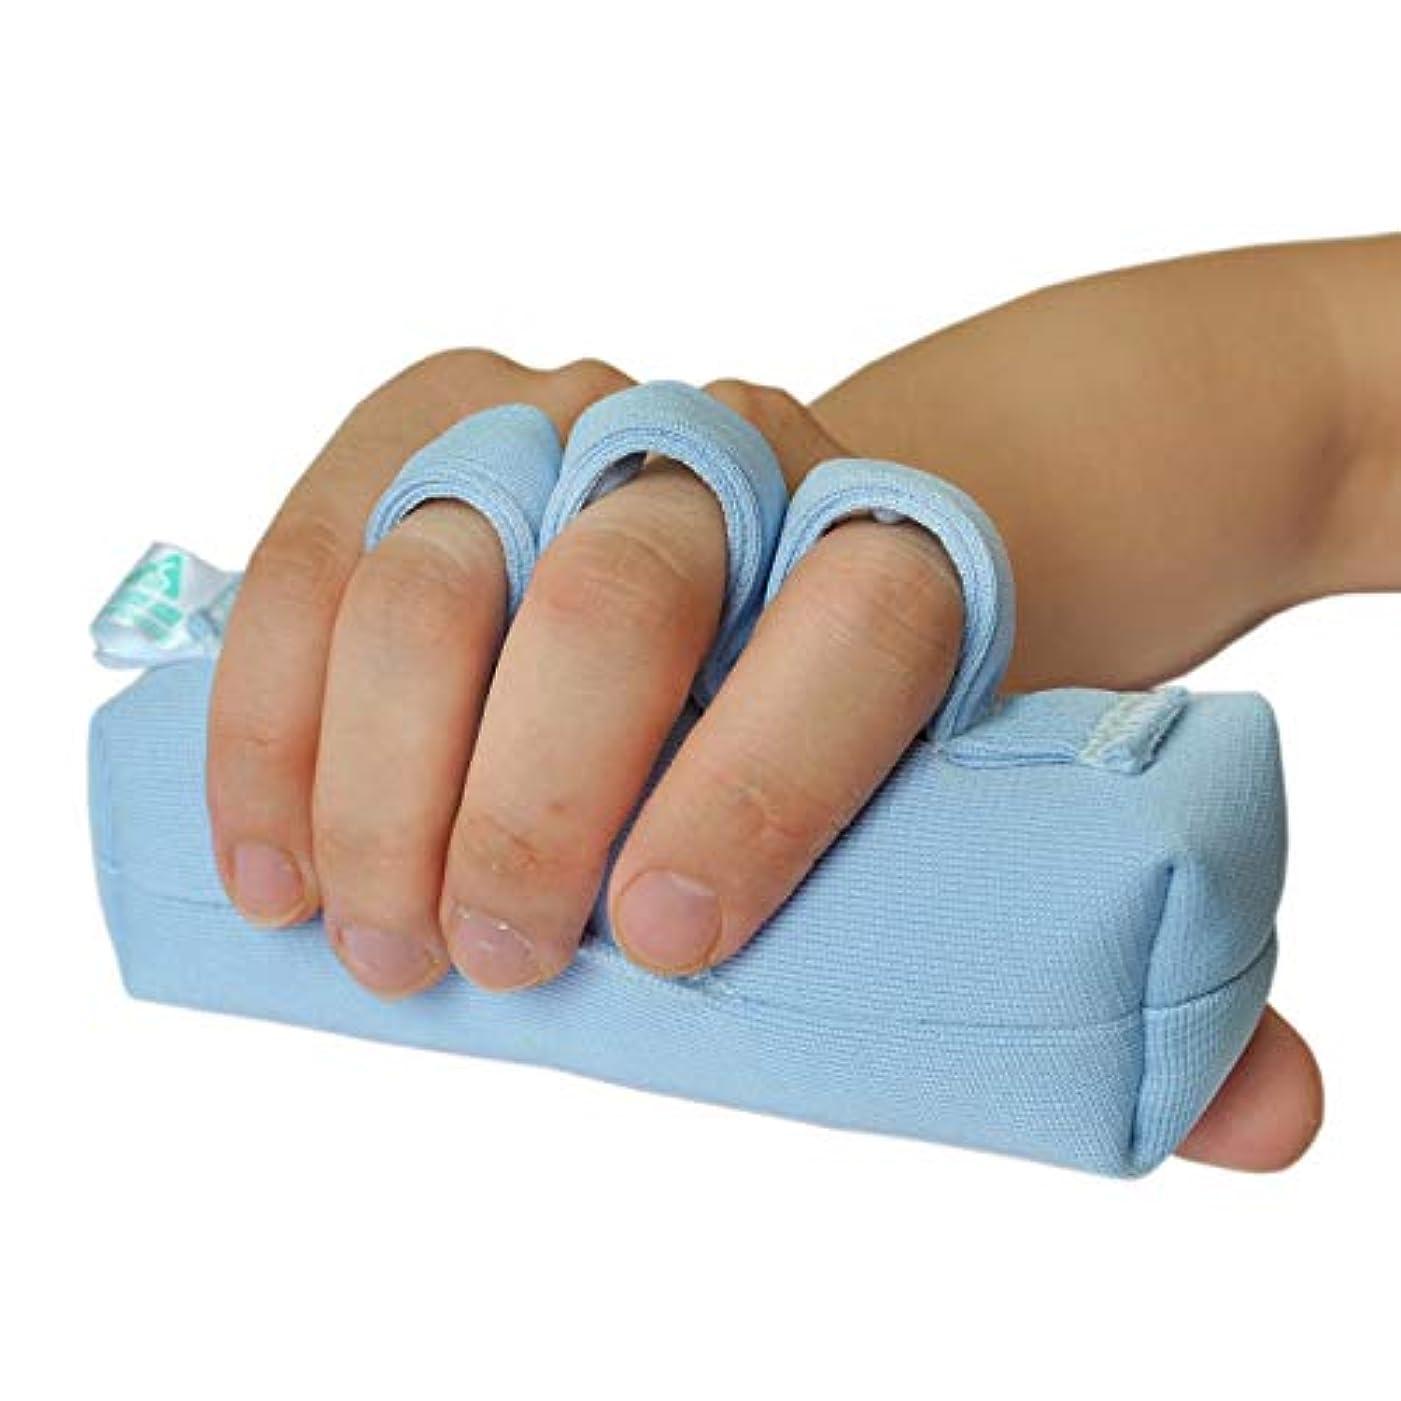 合体寛大さレンダリング右手または左手の手のひらプロテクター、手の包帯のサポート/術後のリハビリテーション/指の挫傷パッド/手のひらの指の分割バー/高齢者介護/涙防止ハンドスティック